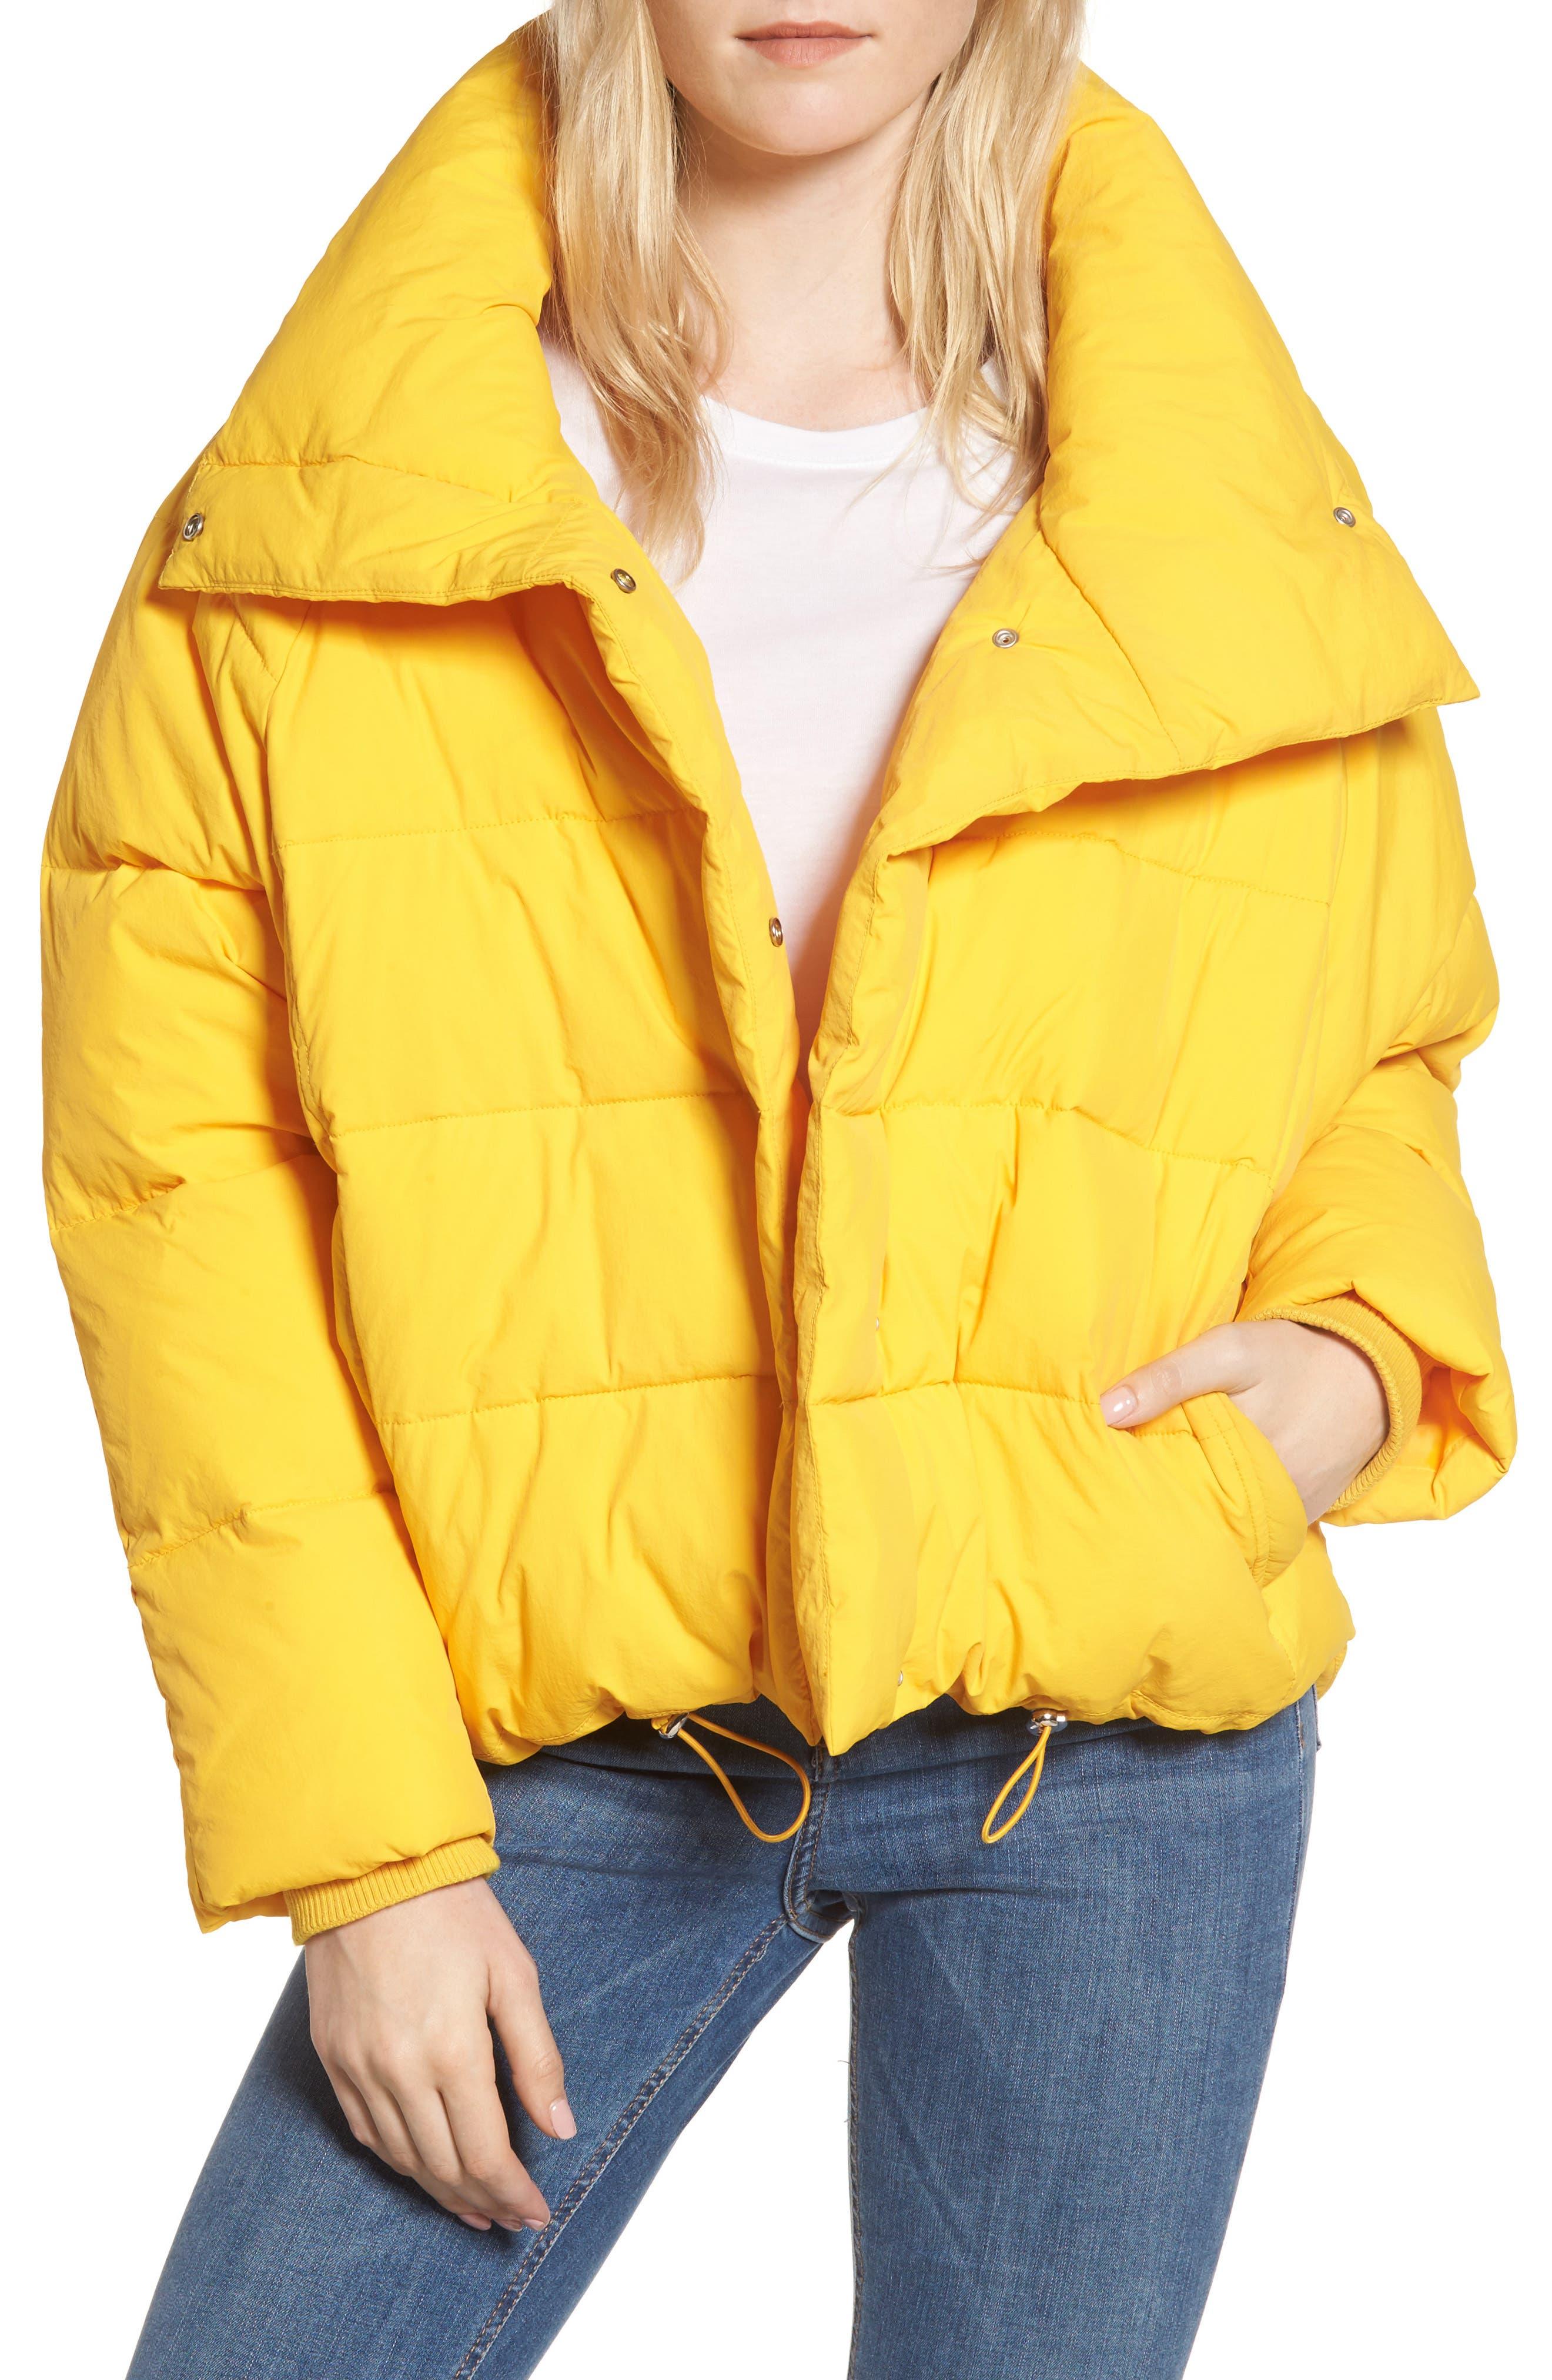 Alternate Image 1 Selected - Topshop Puffer Coat